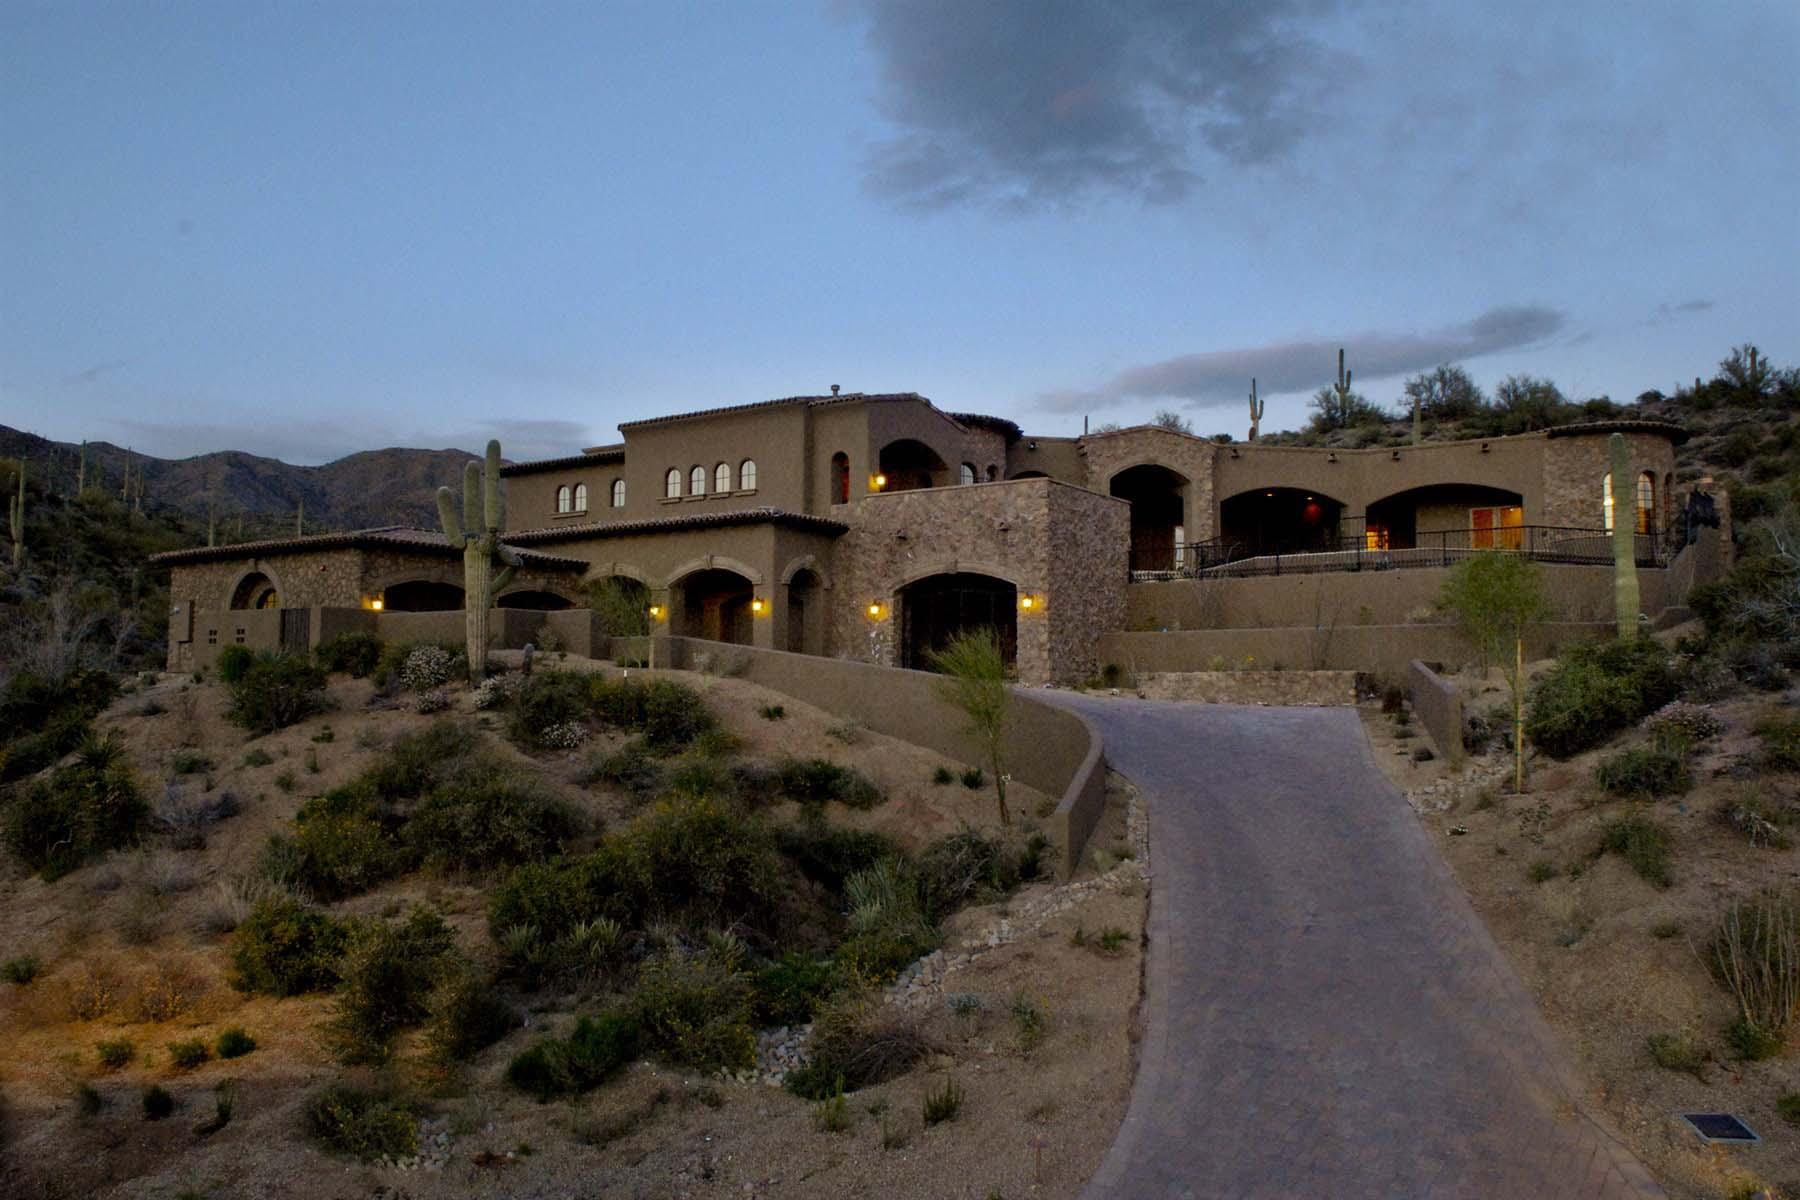 Maison unifamiliale pour l Vente à Elevated 2.5 acre Saguaro Forest premium home site. 42212 N 97TH WAY Scottsdale, Arizona, 85262 États-Unis